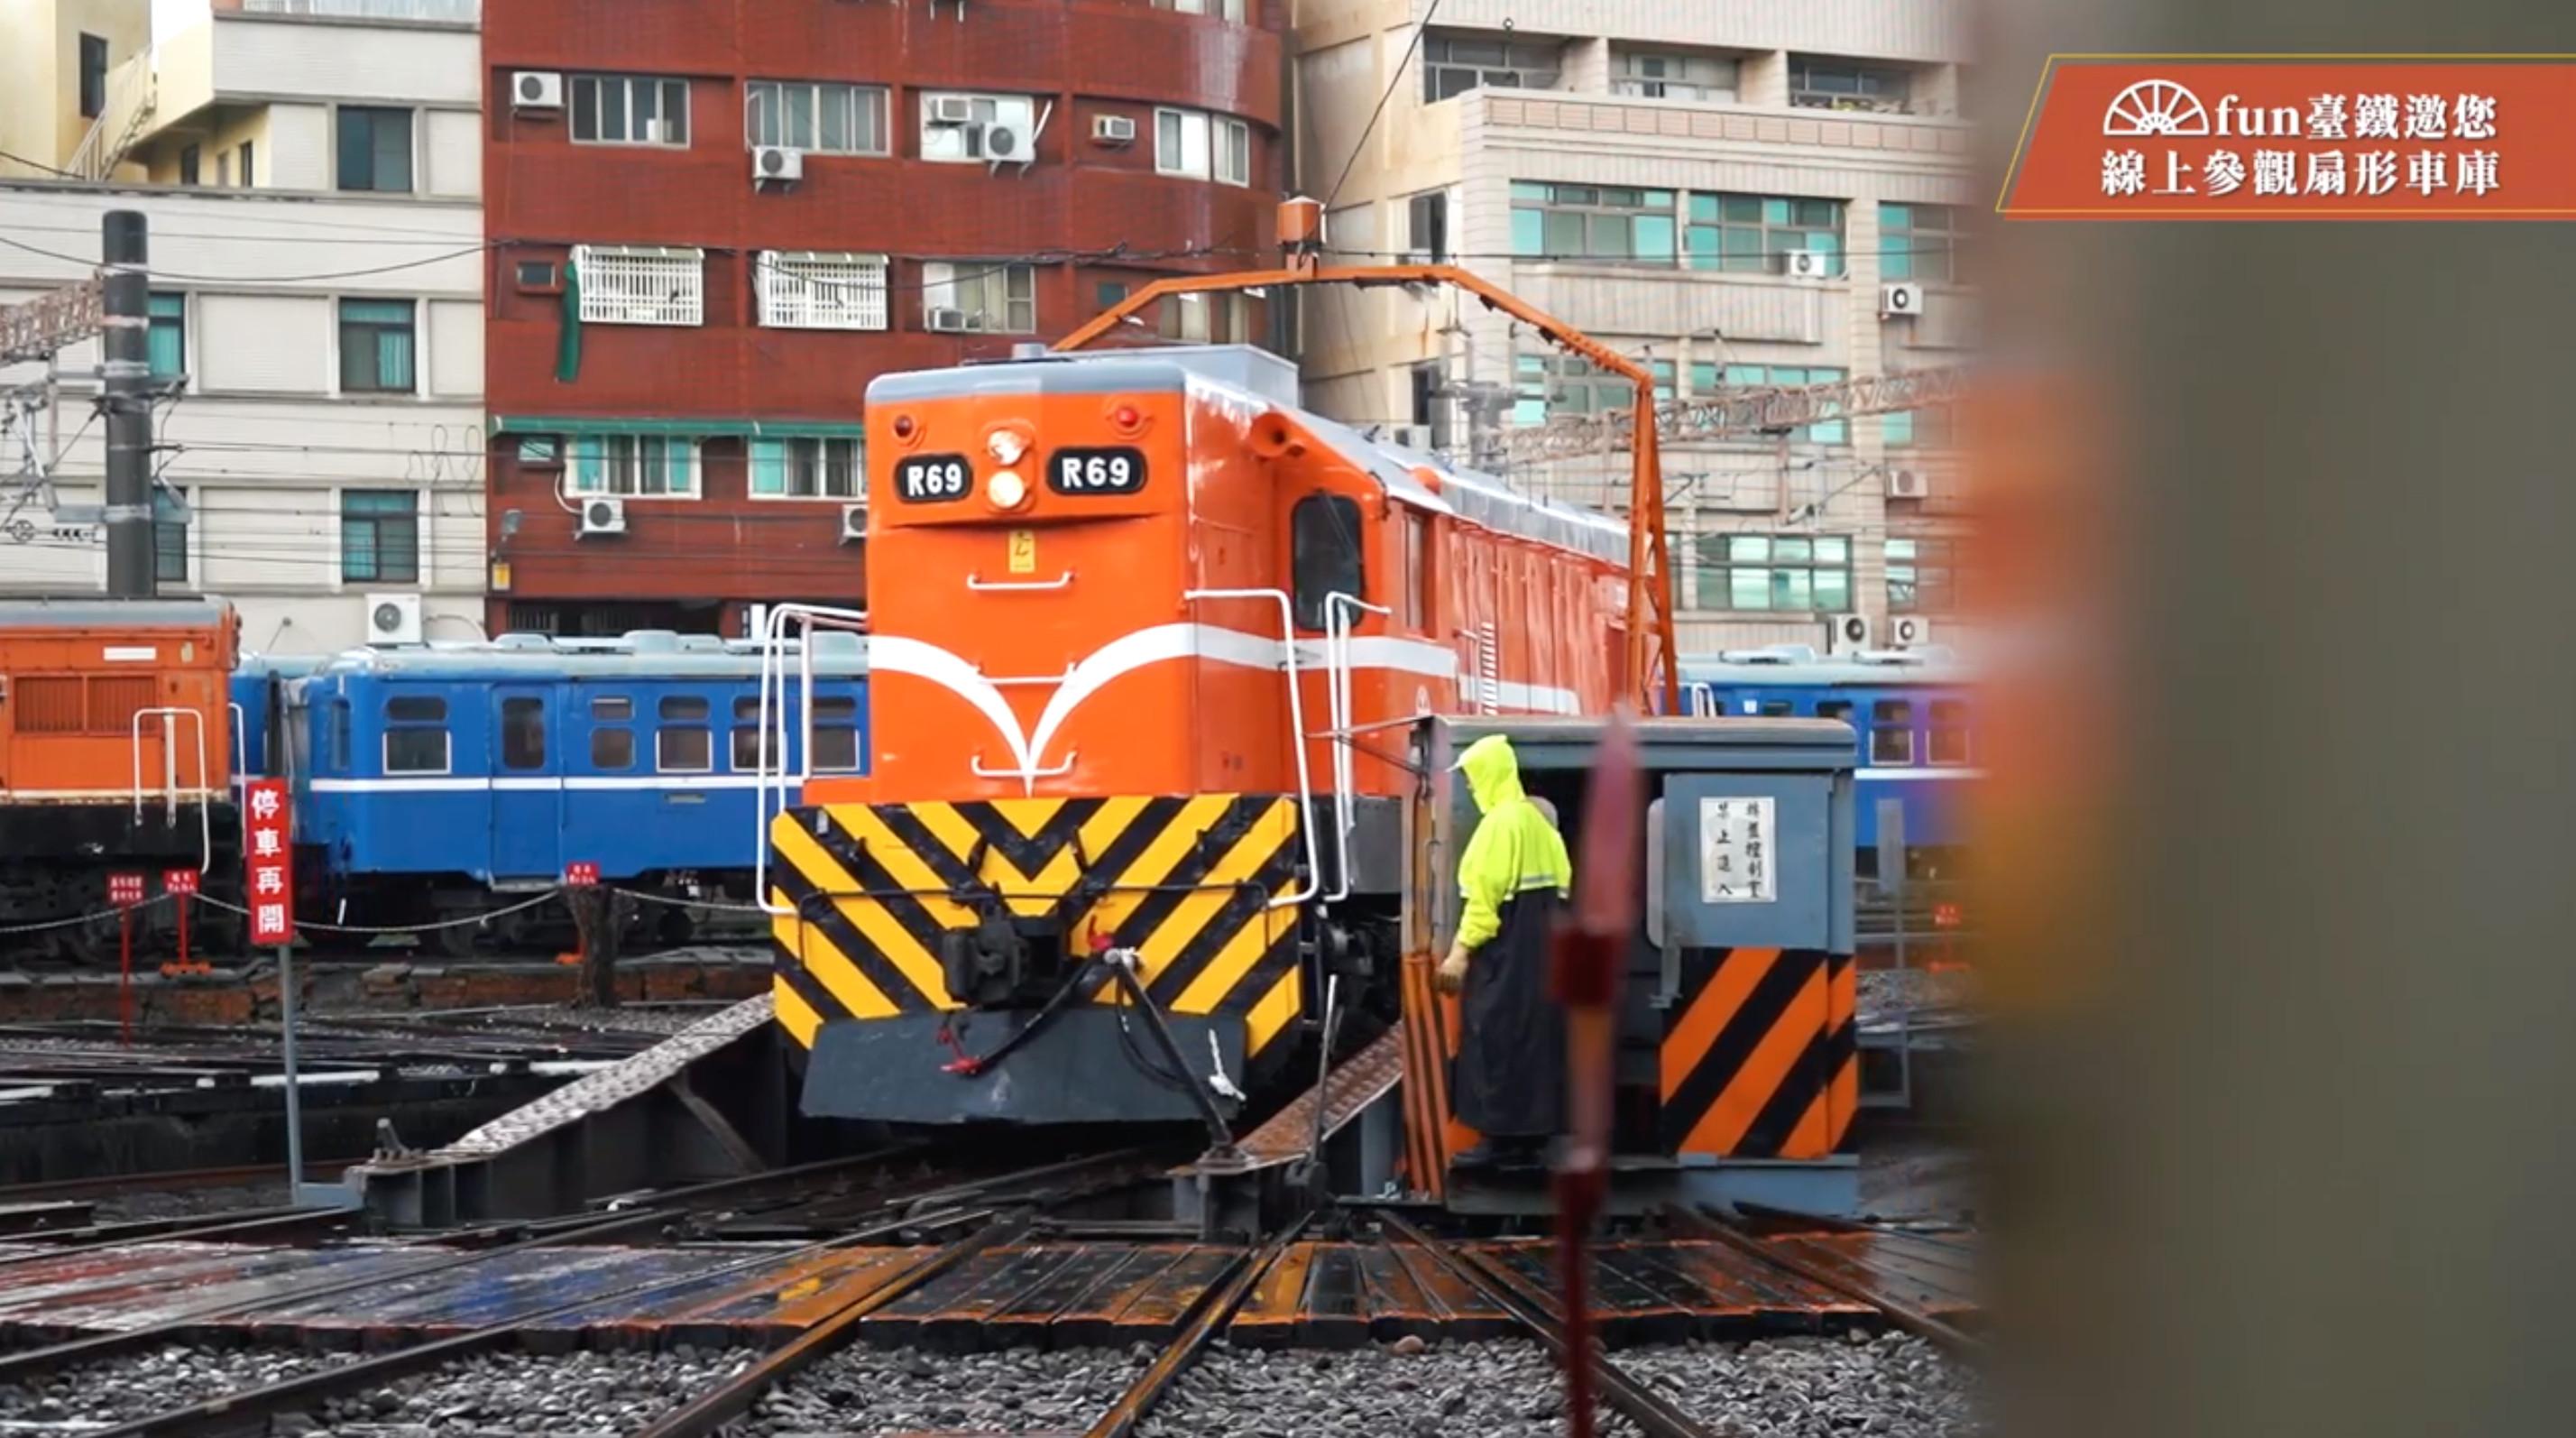 [新聞] 鐵道迷必訪!線上參觀「扇形車庫」 火車